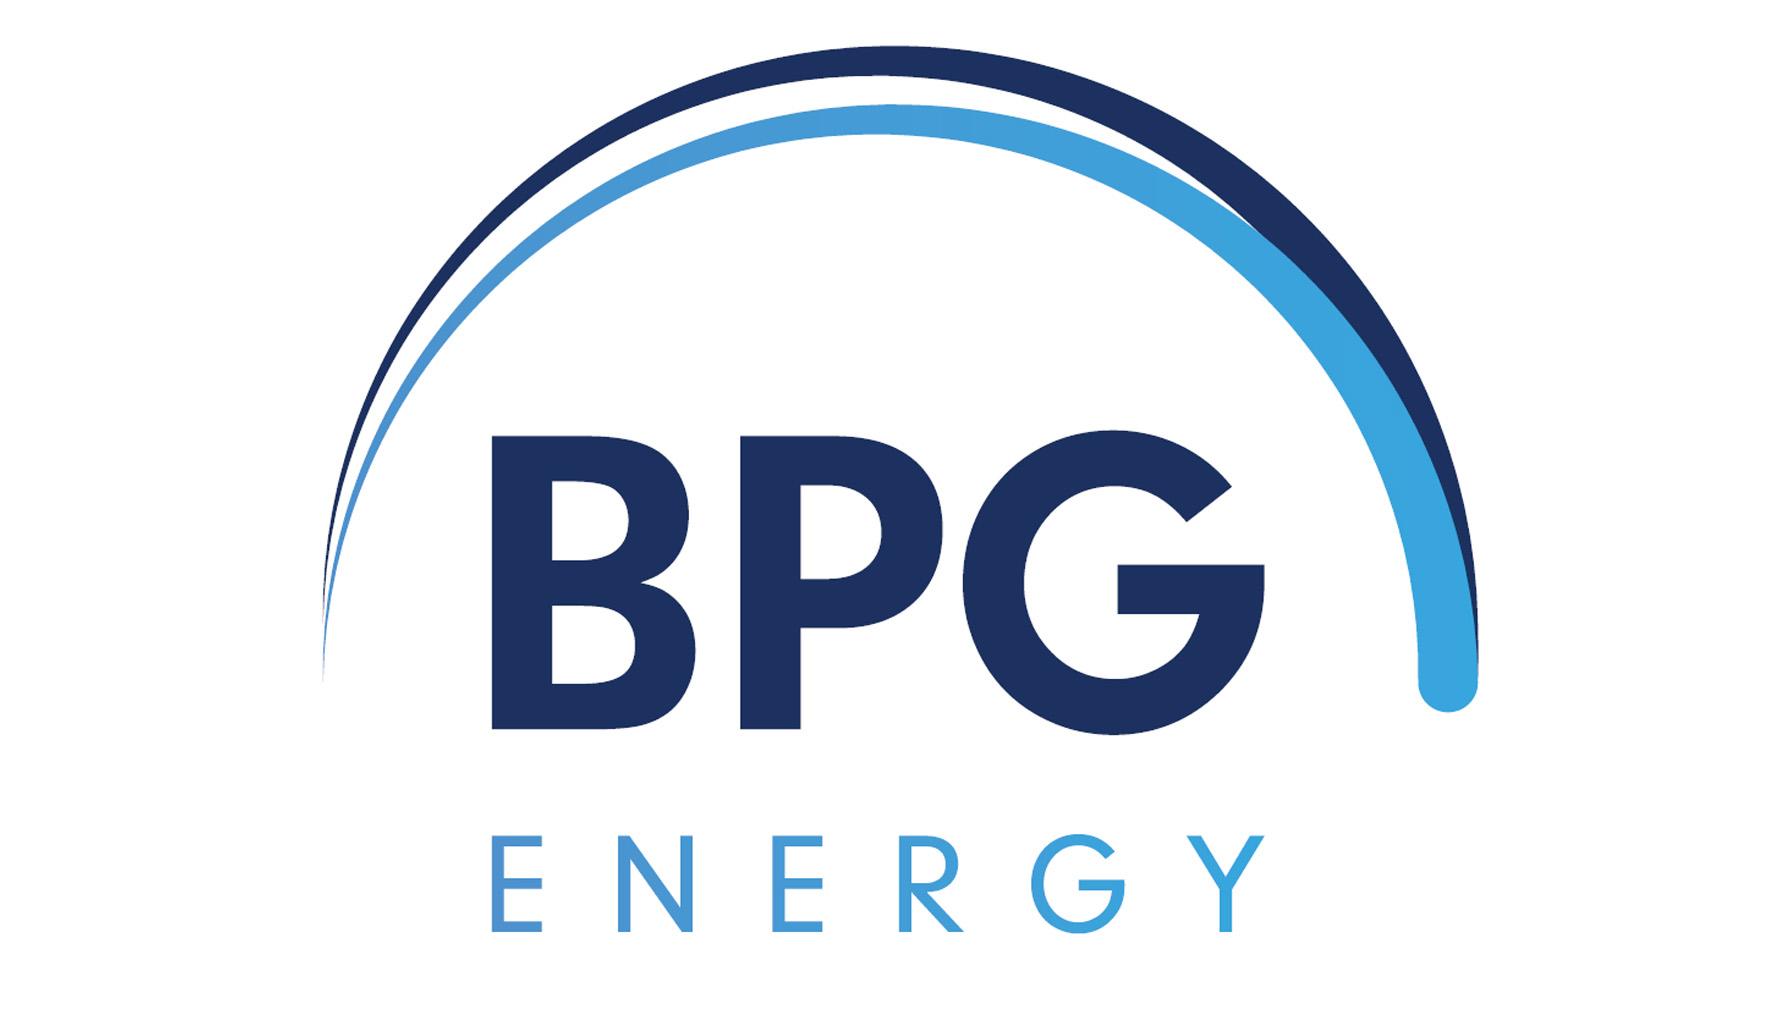 BPG Energy